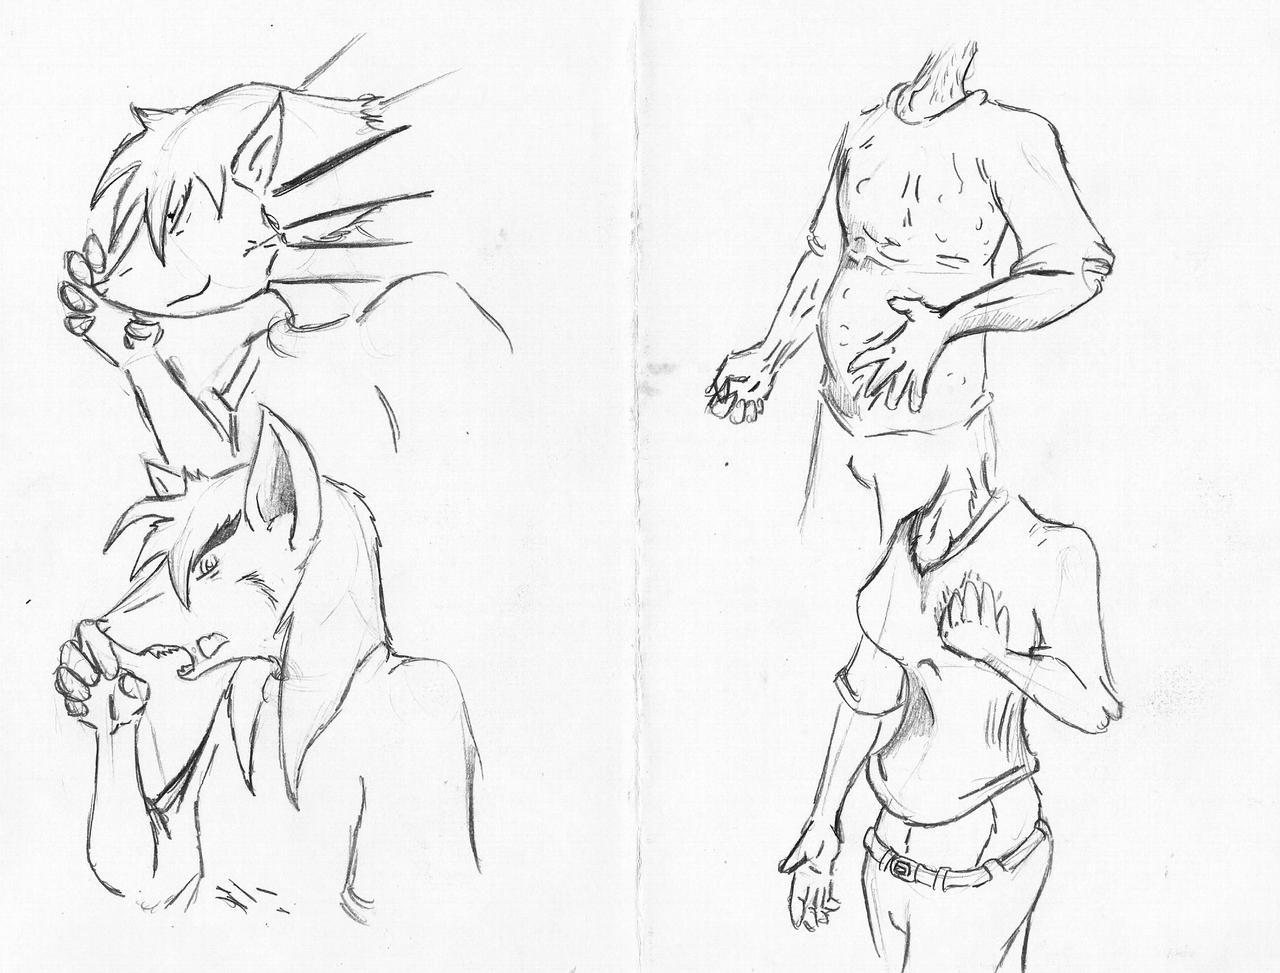 mask of kitsune 3 by MaxSilverfox